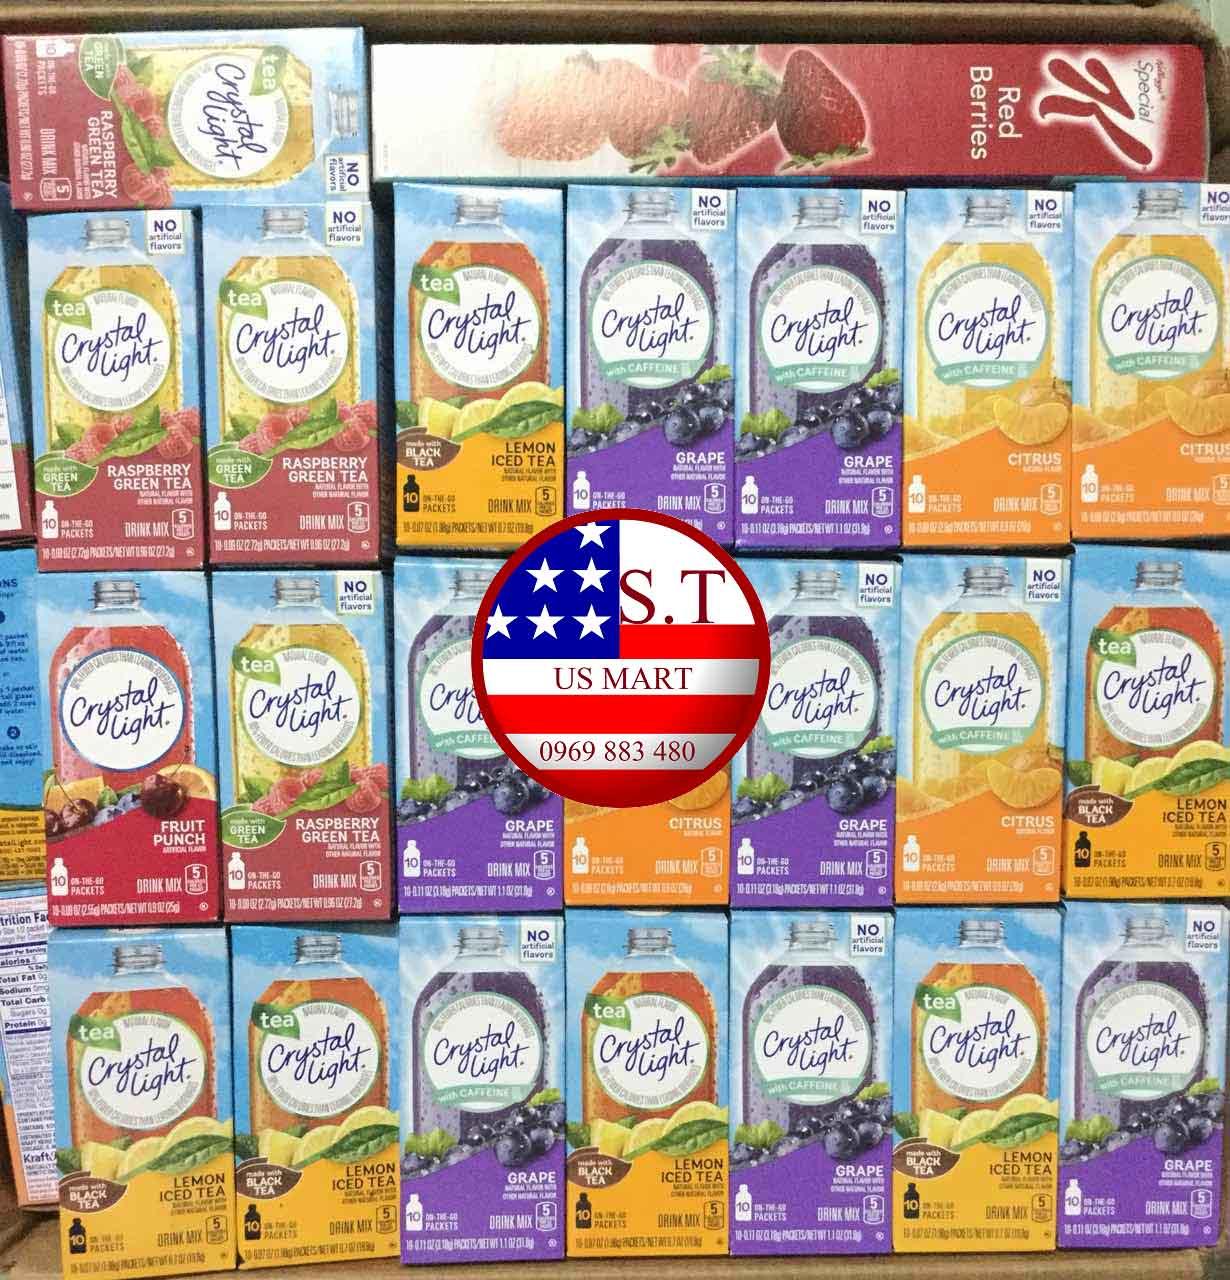 Bột pha nước trái cây CRYSTAL LIGHT On The Go Drink Mix - đặc biết dành cho người ăn kiêng, DAS, Keto, bệnh đường huyết